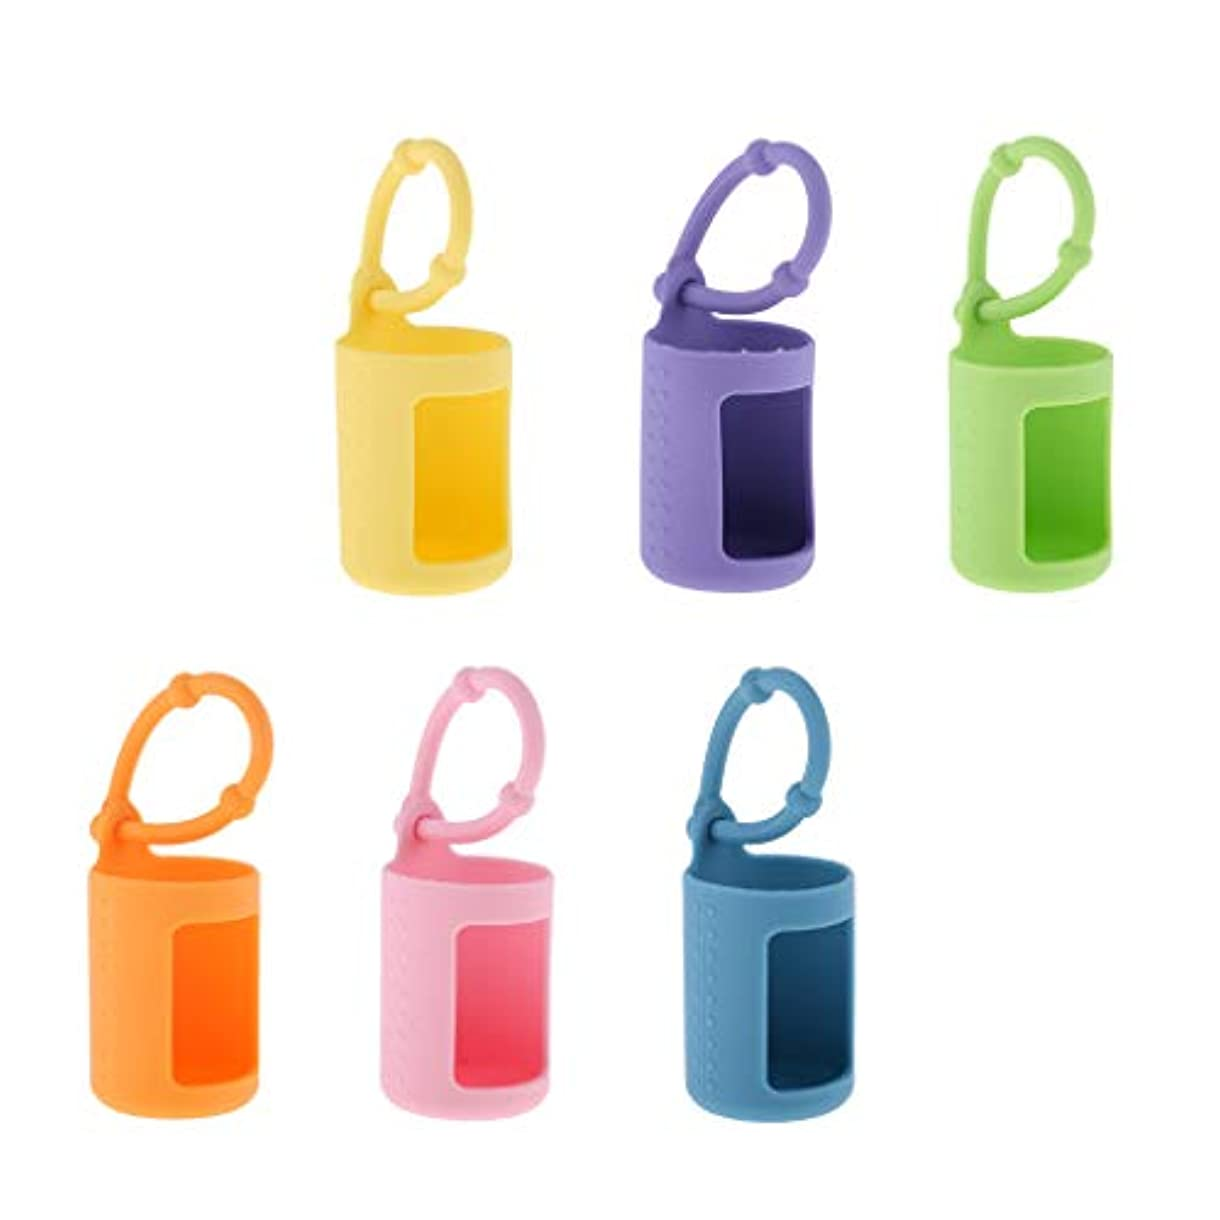 検査官ほのかゴネリルD DOLITY 6個入 エッセンシャルオイルケース 精油瓶ホルダー シリコン 香水ボトル 15ミリ カバー 吊り掛け